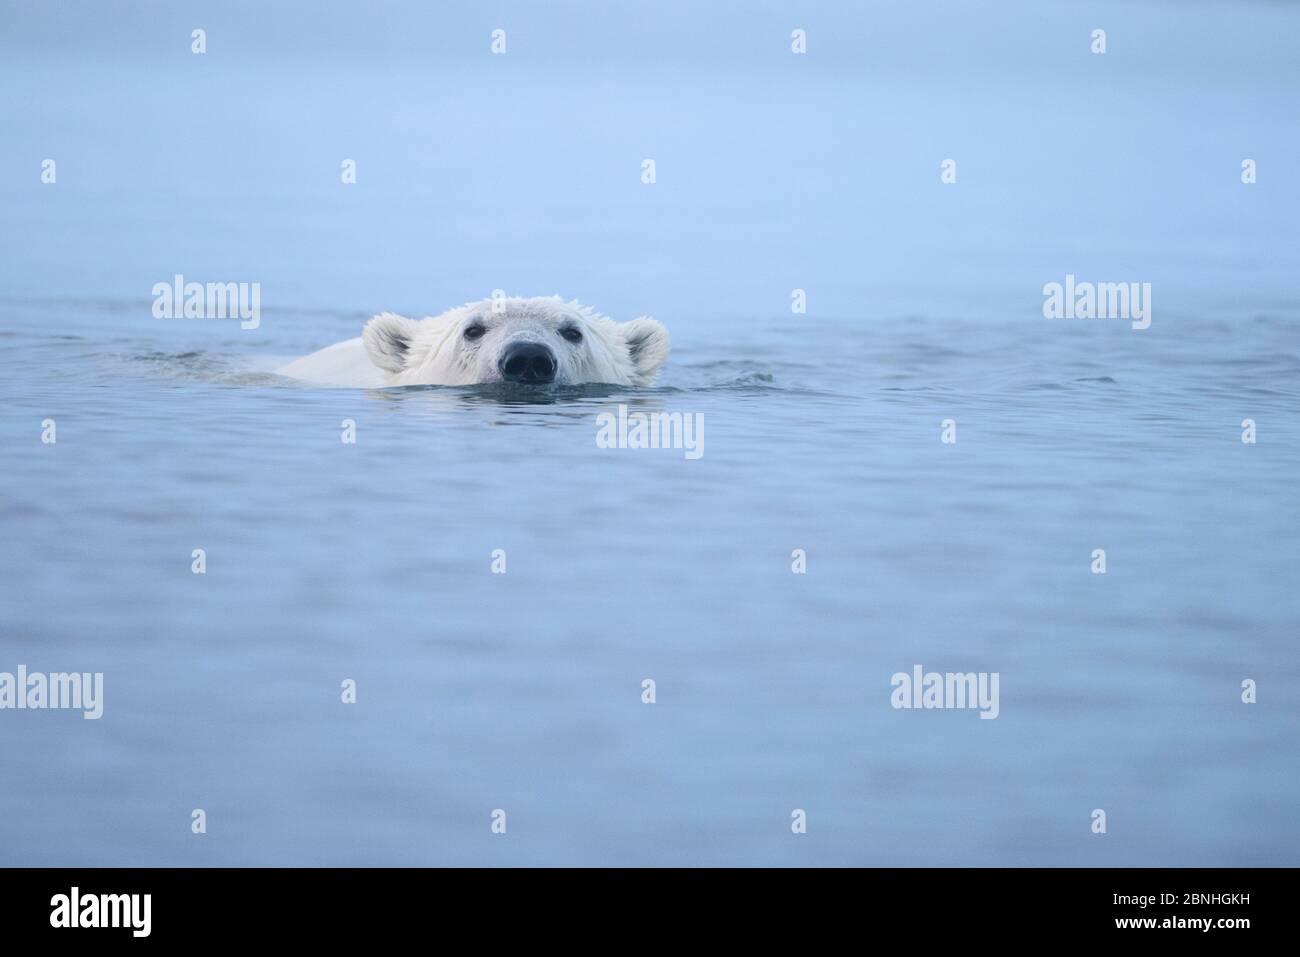 Oso polar (Ursus maritimus) nadando en la superficie del Mar de Beaufort, Alaska, EE.UU Foto de stock